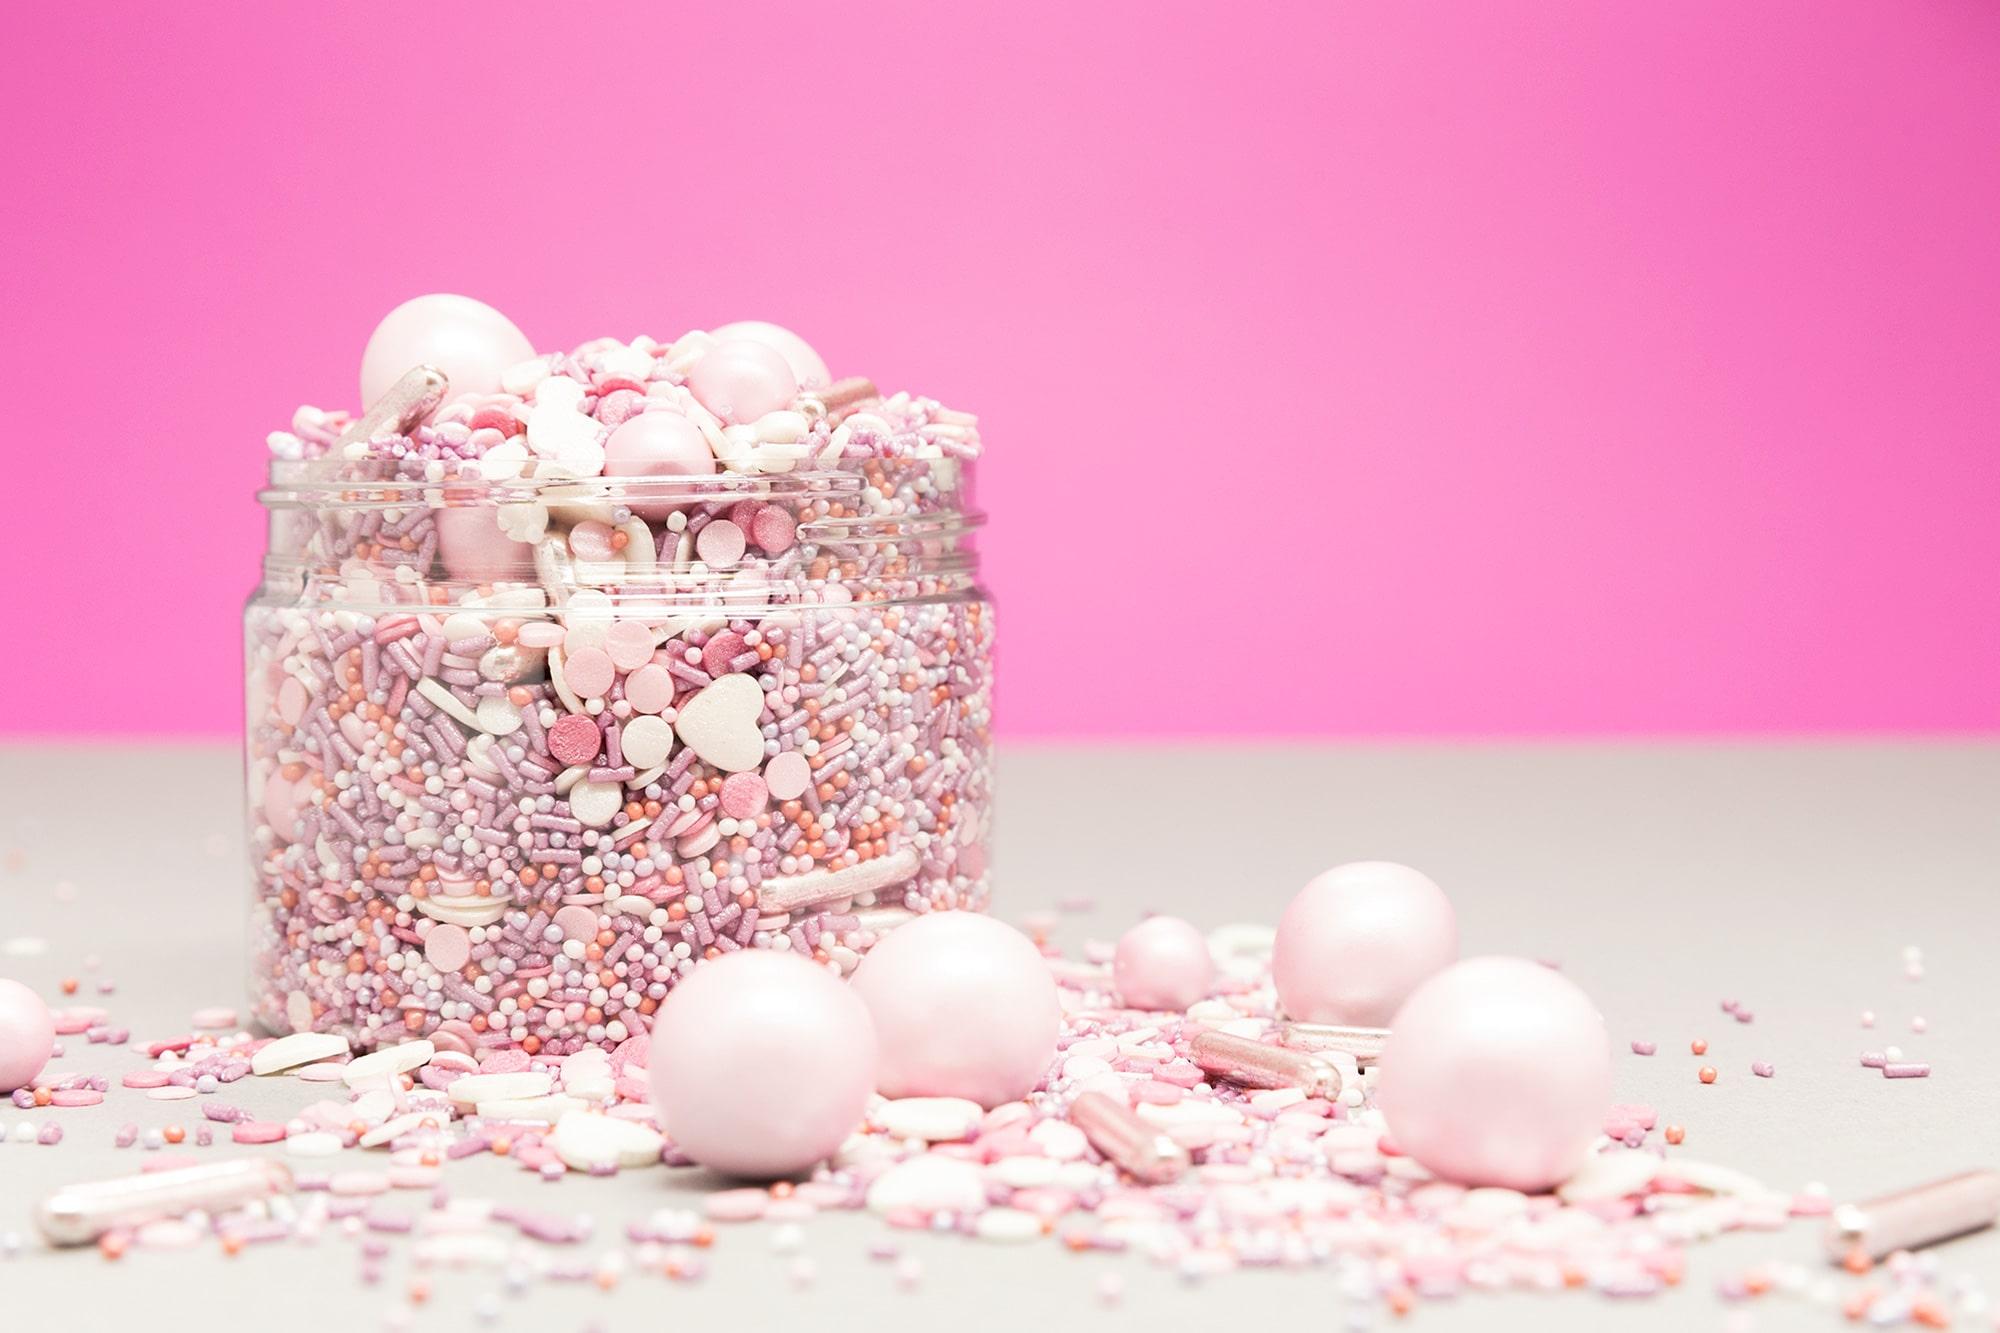 lieblingsstreusel-gemischte-zuckerstreusel-dream-on-rosa-lila-zuckerstreuselmischung